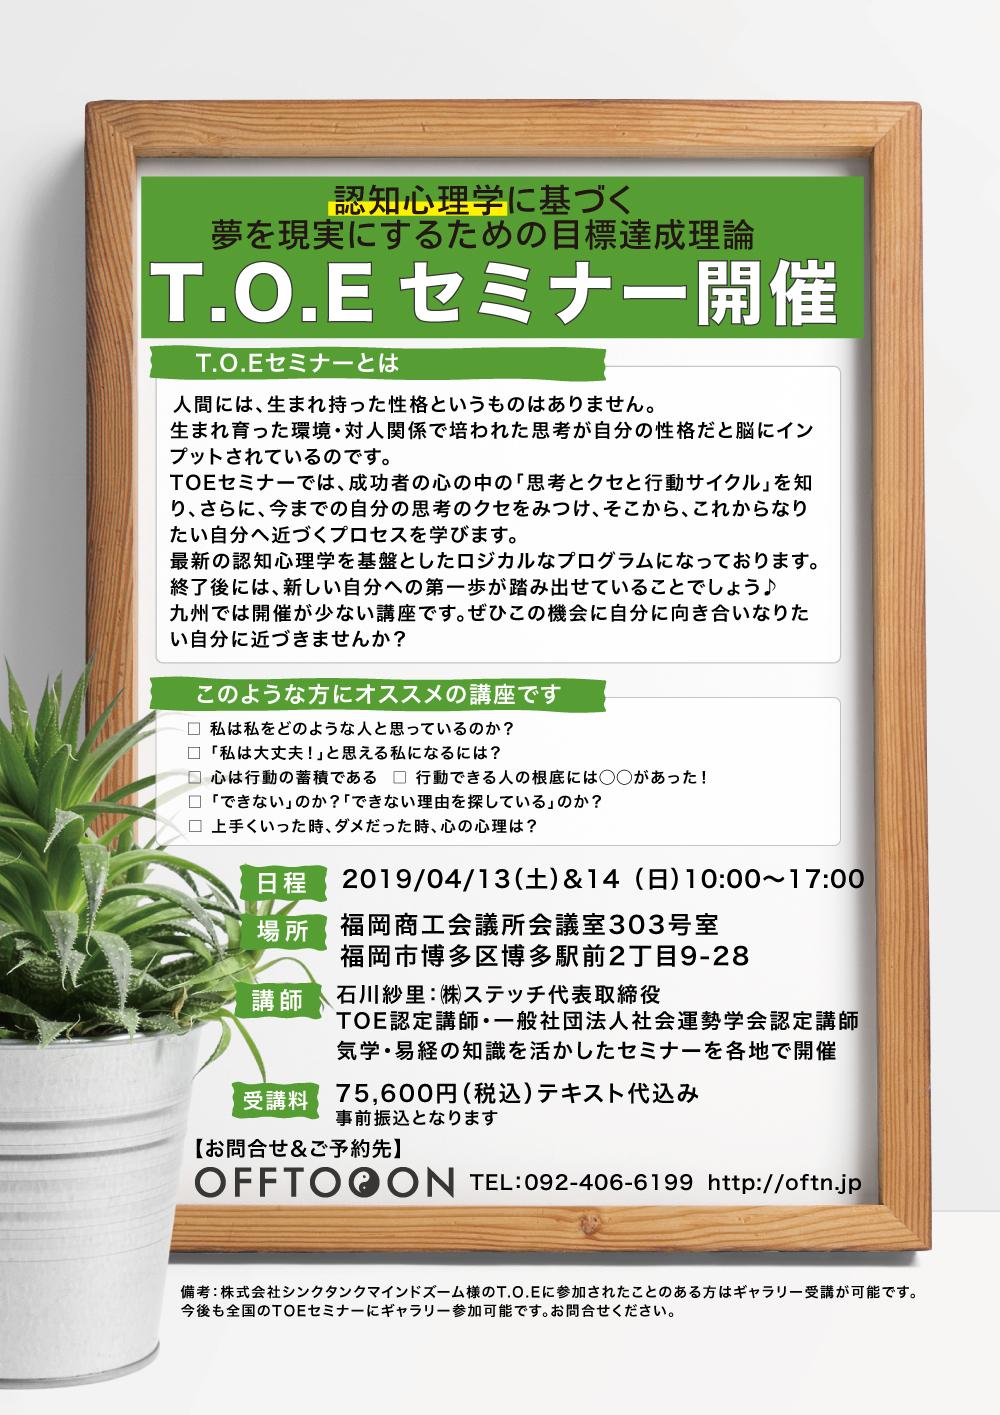 認知心理学「T.O.E講座」開催のお知らせ